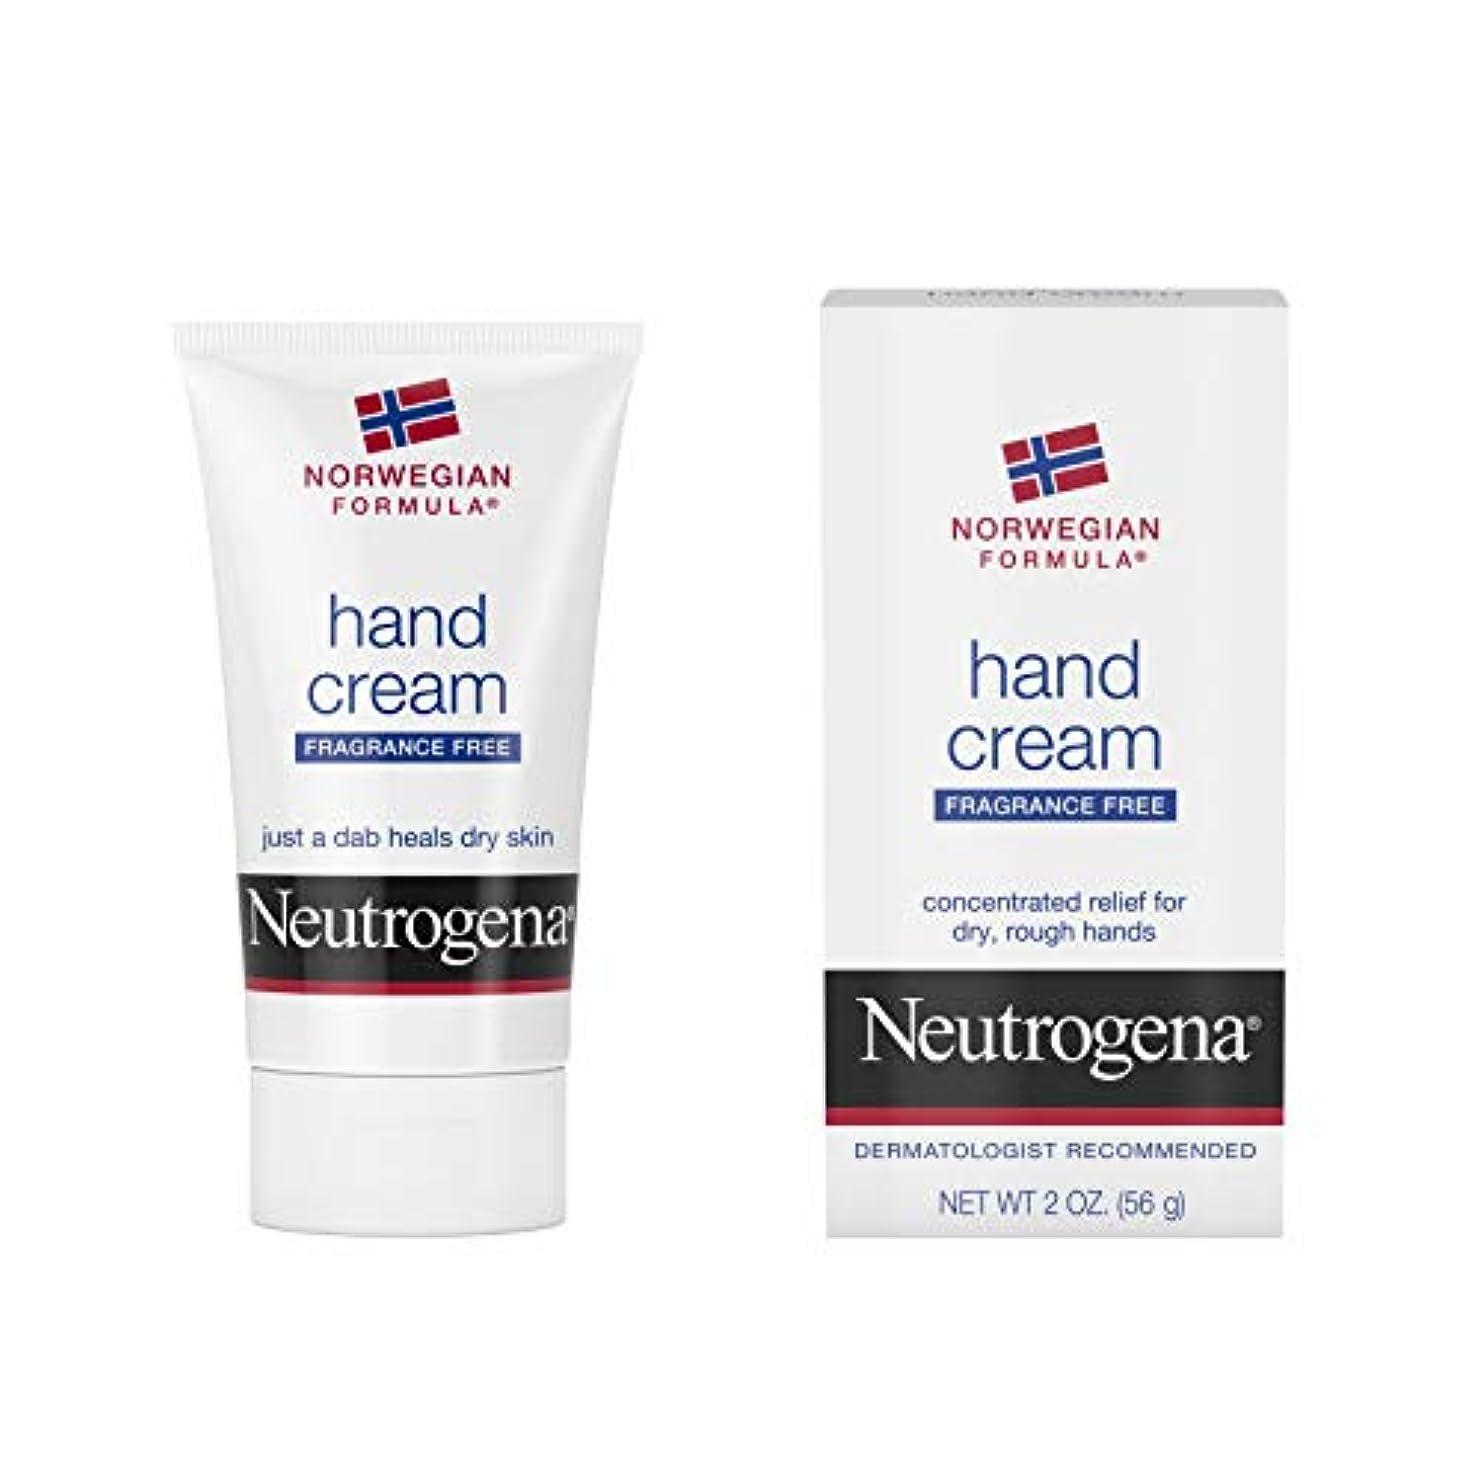 マーカー在庫寄生虫Neutrogena Norwegian Formula Hand Cream Fragrance-Free 60 ml (並行輸入品)